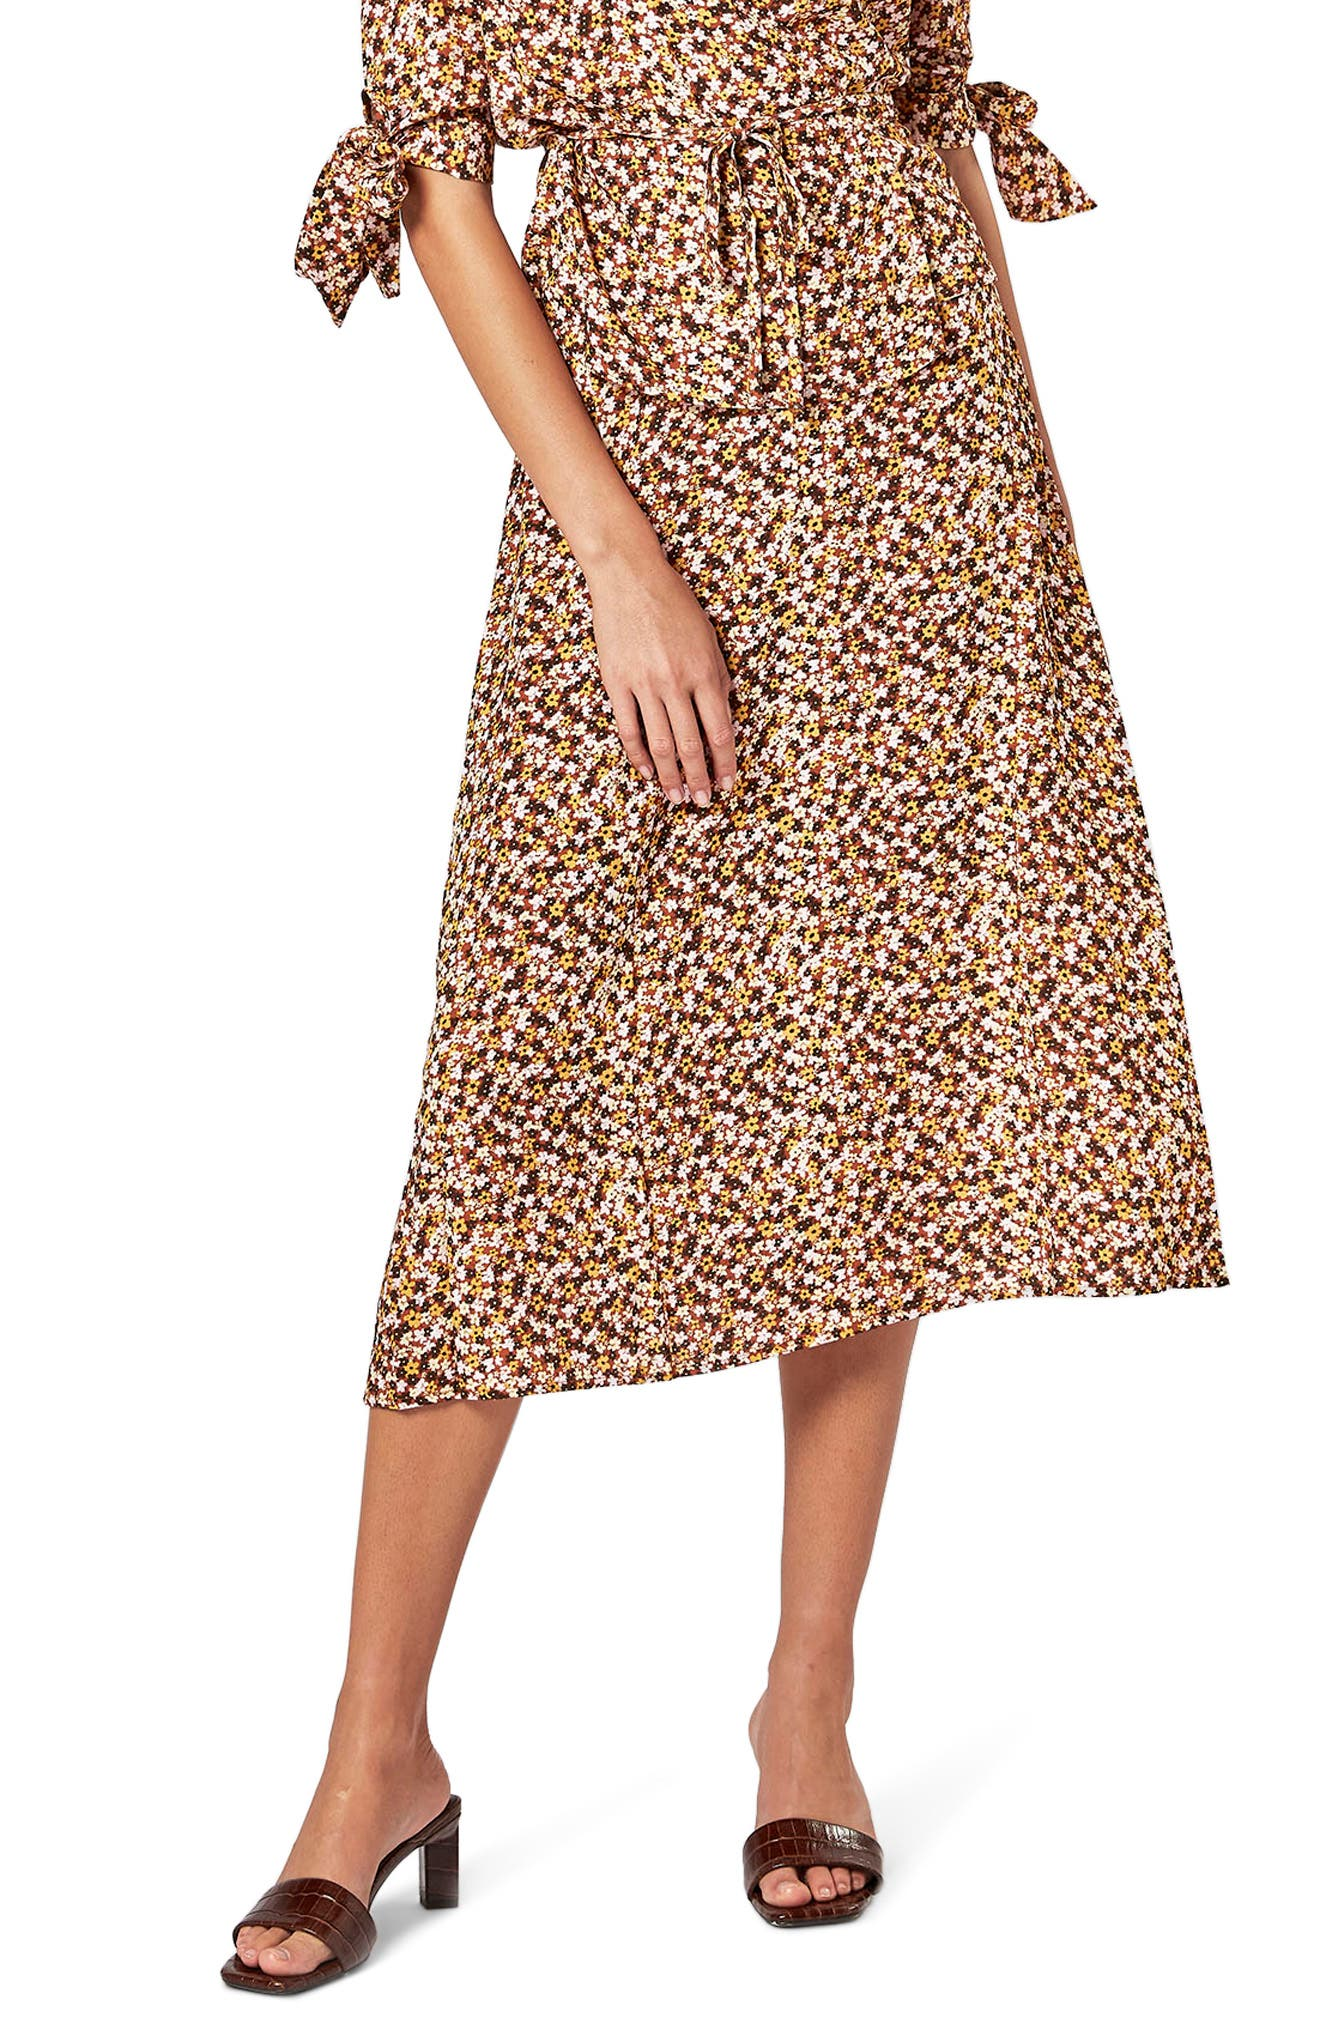 Mimi Floral Midi Skirt